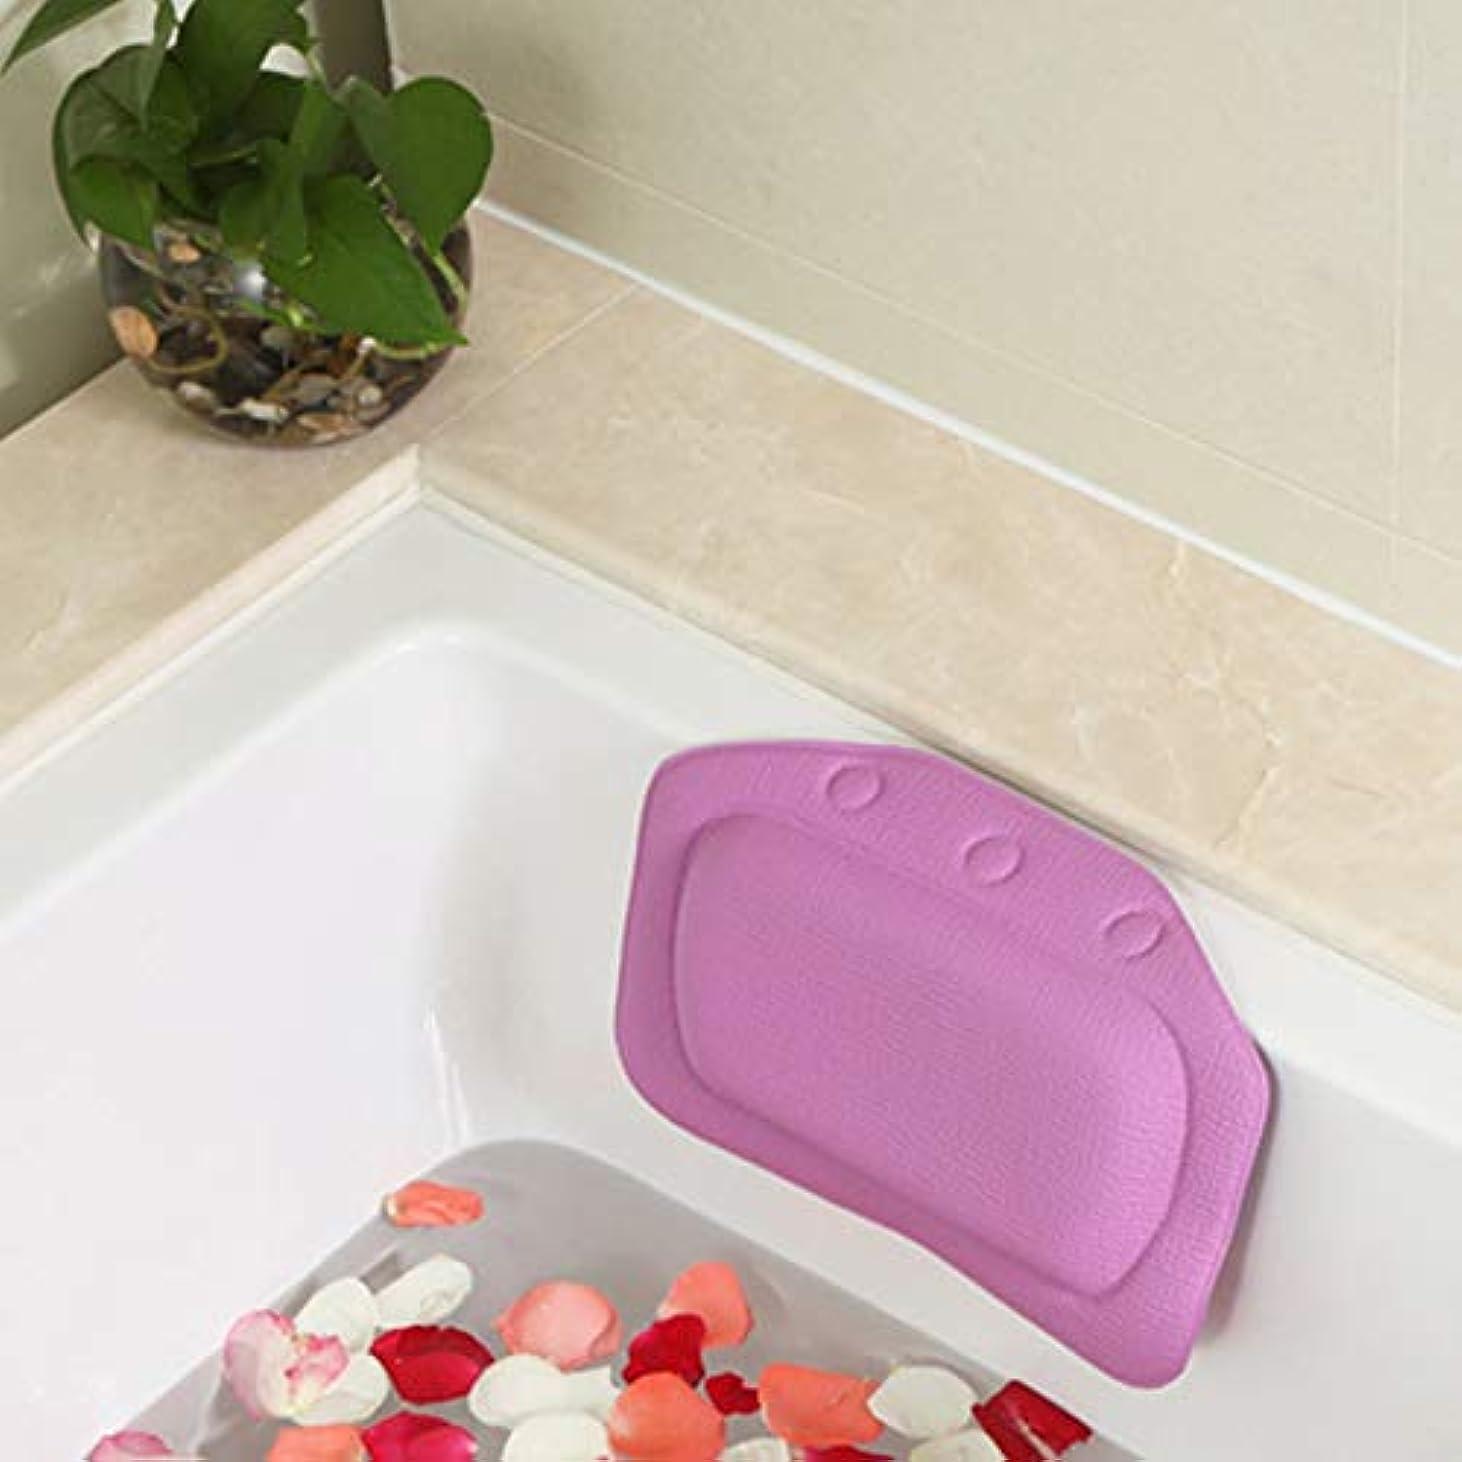 重要な役割を果たす、中心的な手段となる正当な怒り柔らかいpvc発泡スポンジ風呂枕防水ヘッドレストクッション付き浴室シャワー浴槽リラックスアクセサリー,Purple